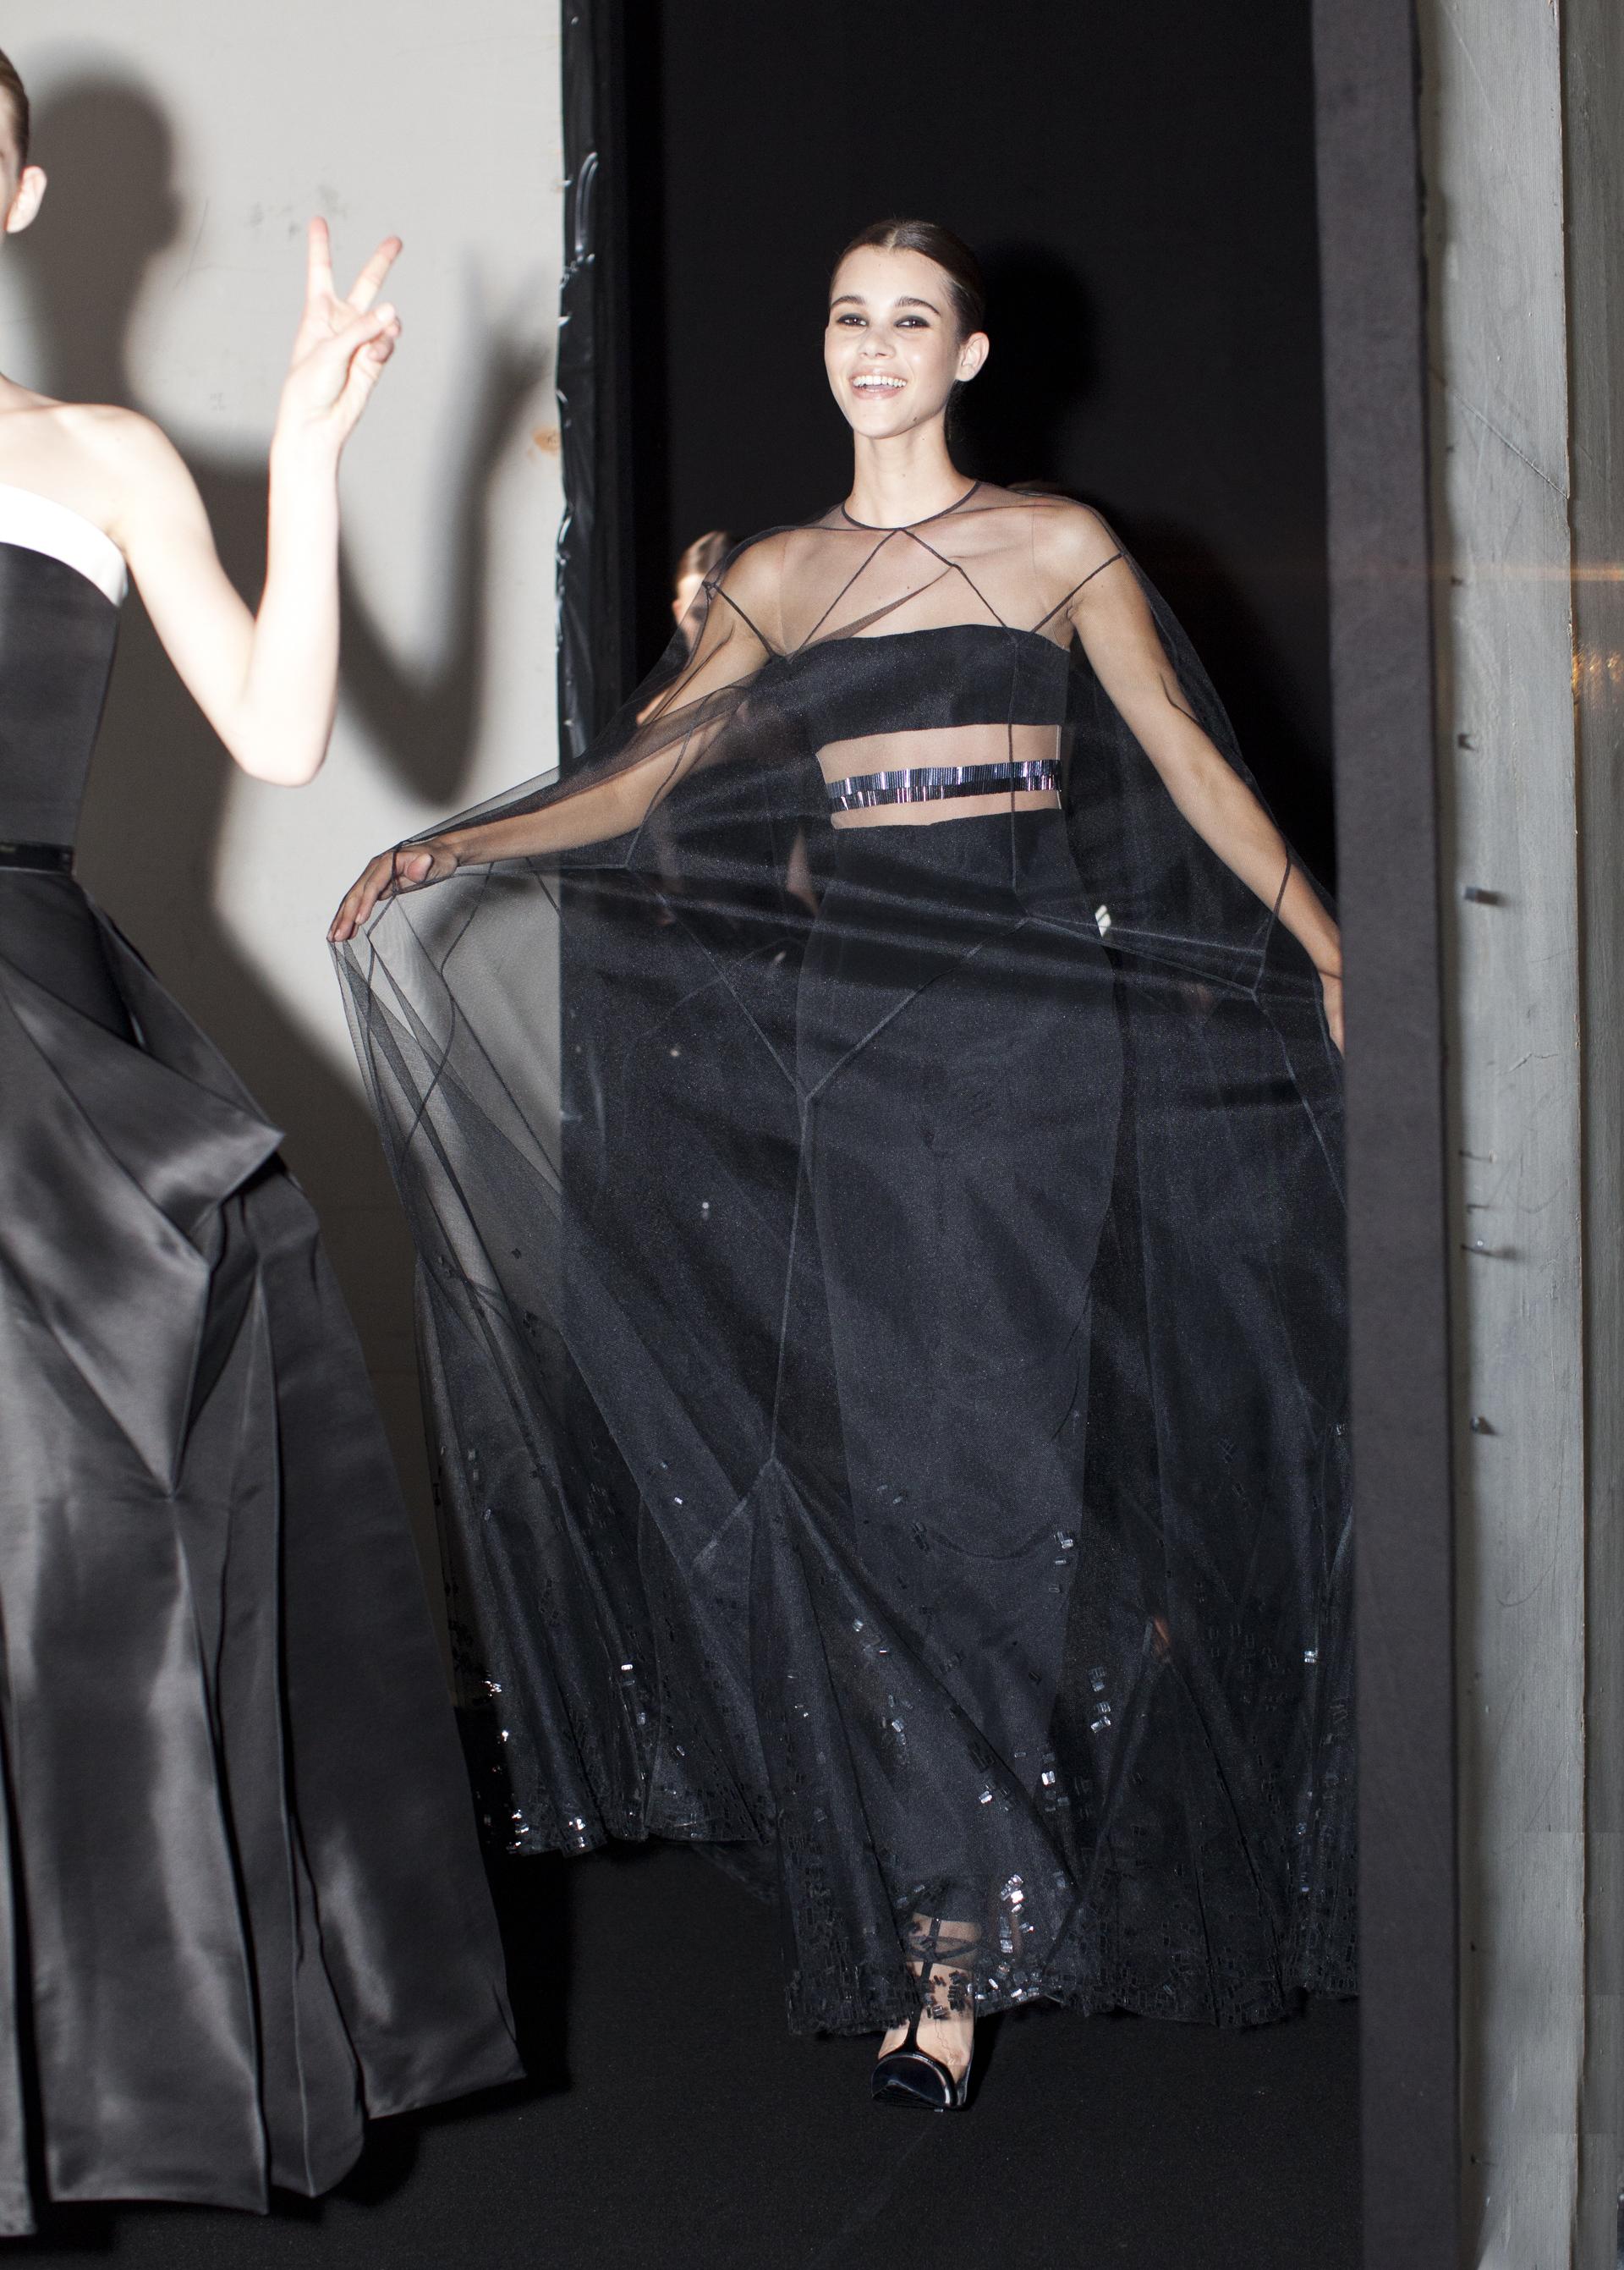 kathryn-wirsing-couture-week-paris-2014-backstage-22.jpg